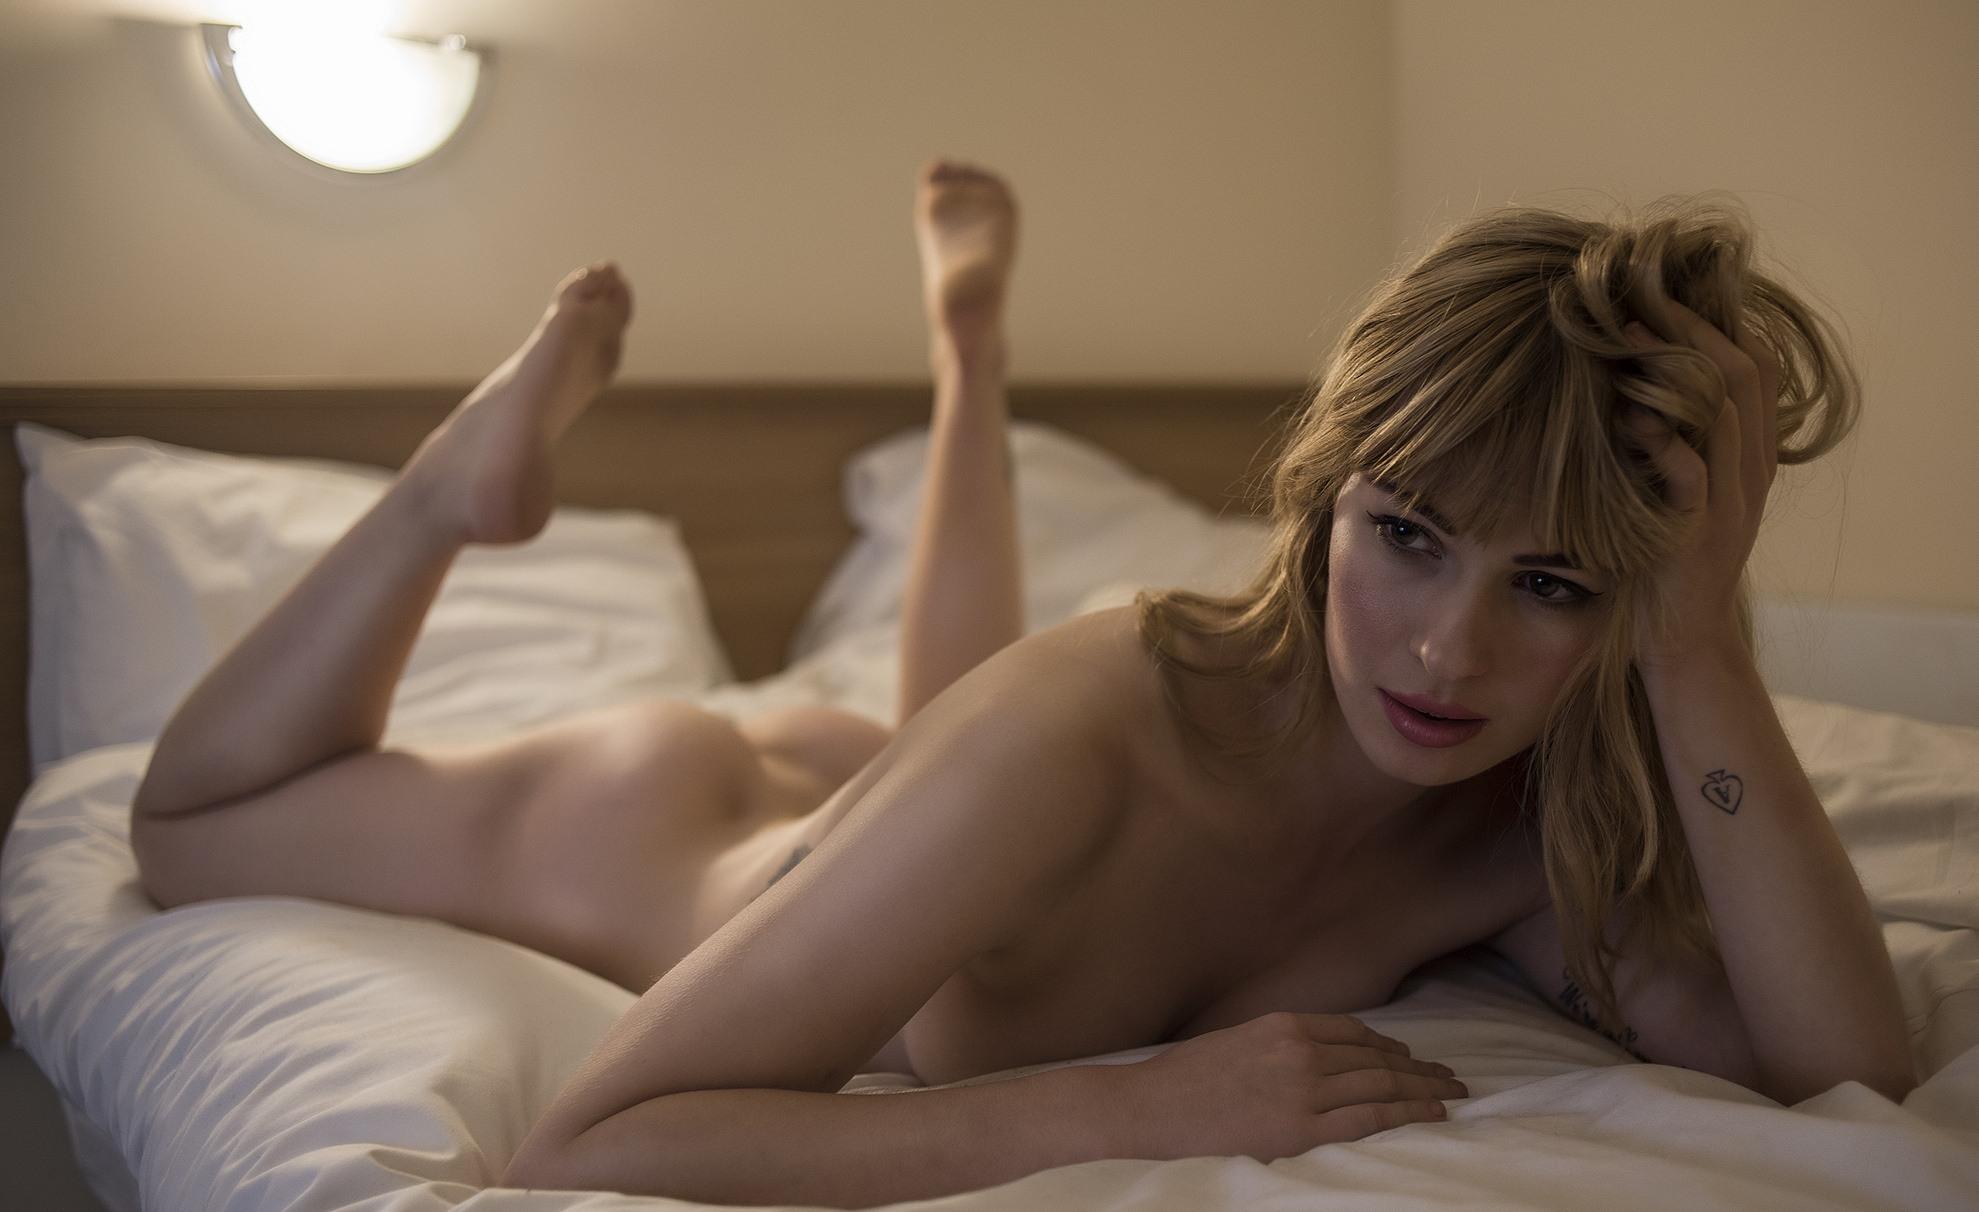 Фото Голая девушка, задумавшись лежит в постели, виляя ножками, скачать картинку бесплатно